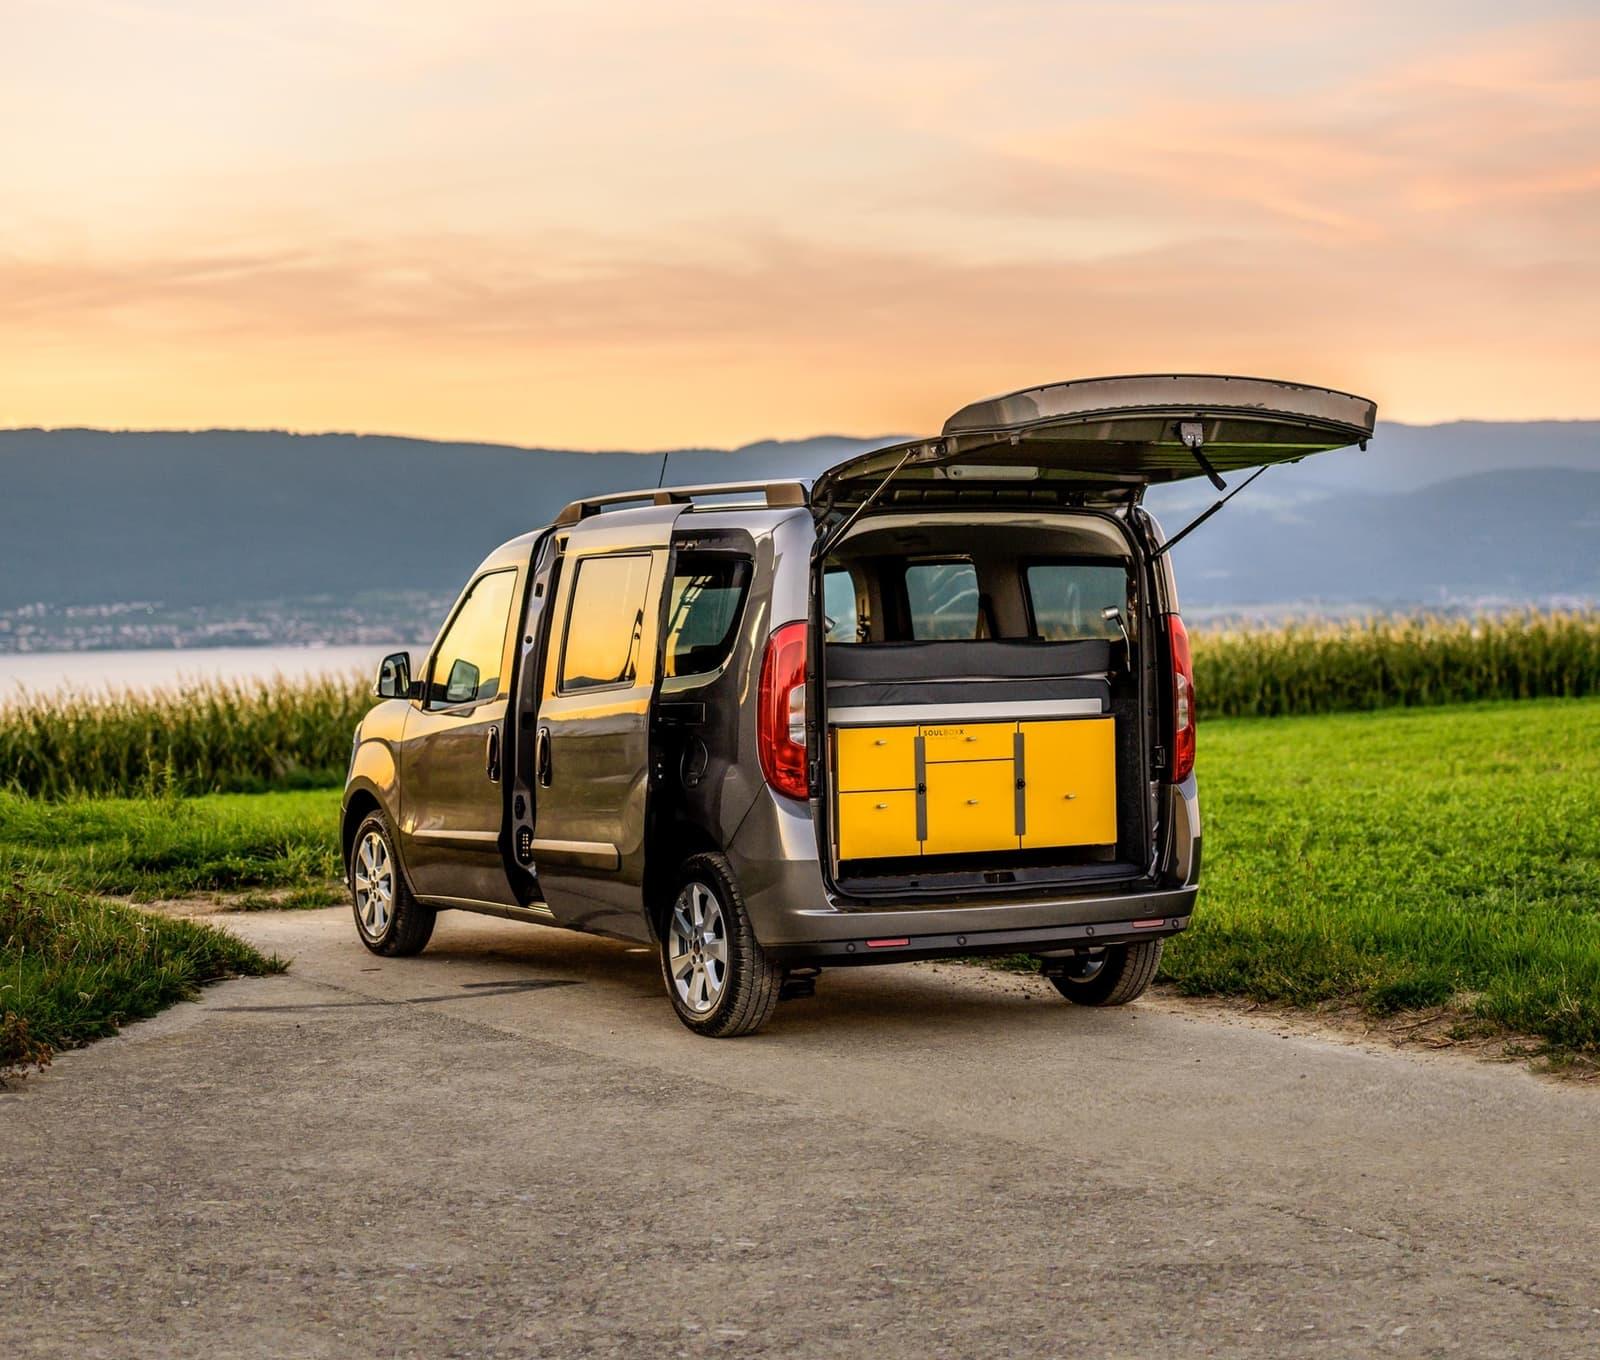 Weekender kaufen: Vom Auto zum Camper